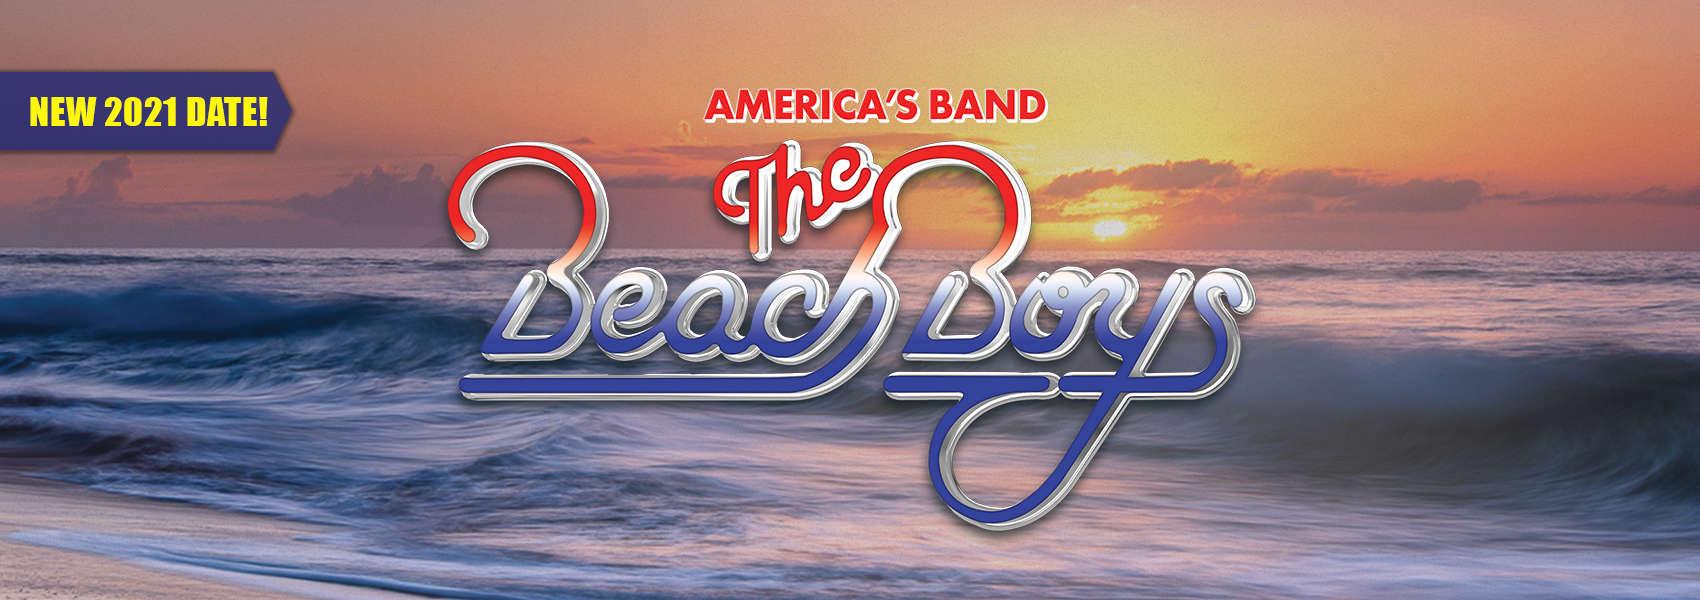 The Beach Boys - New 2021 Date